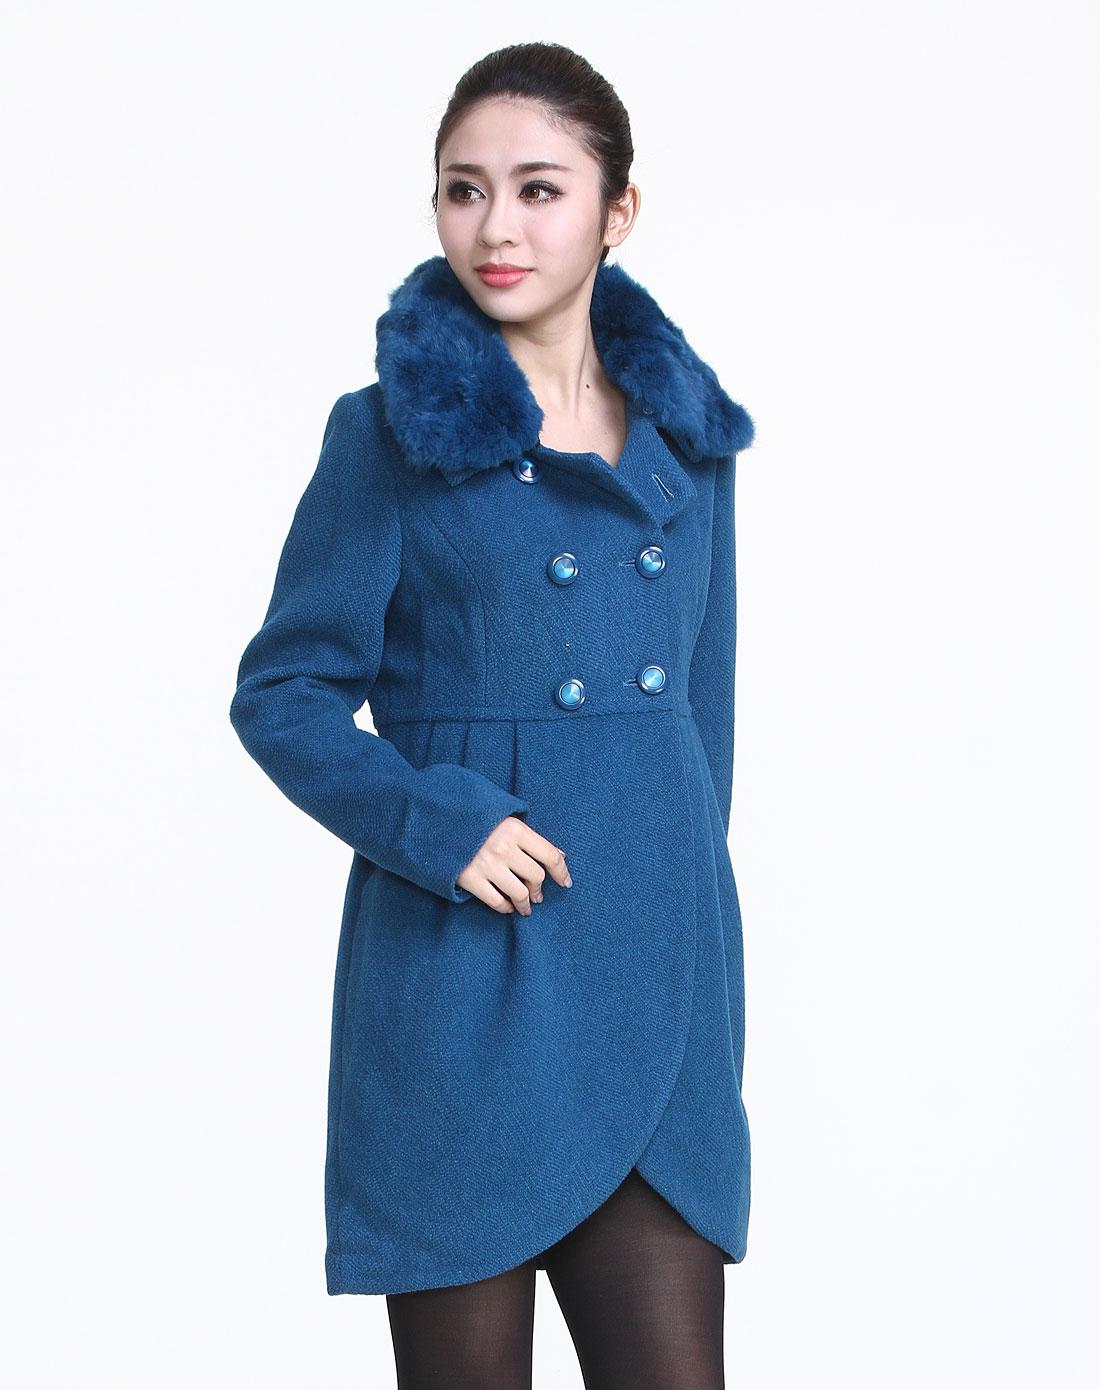 简gen深蓝色典雅长袖大衣10dg84800-57